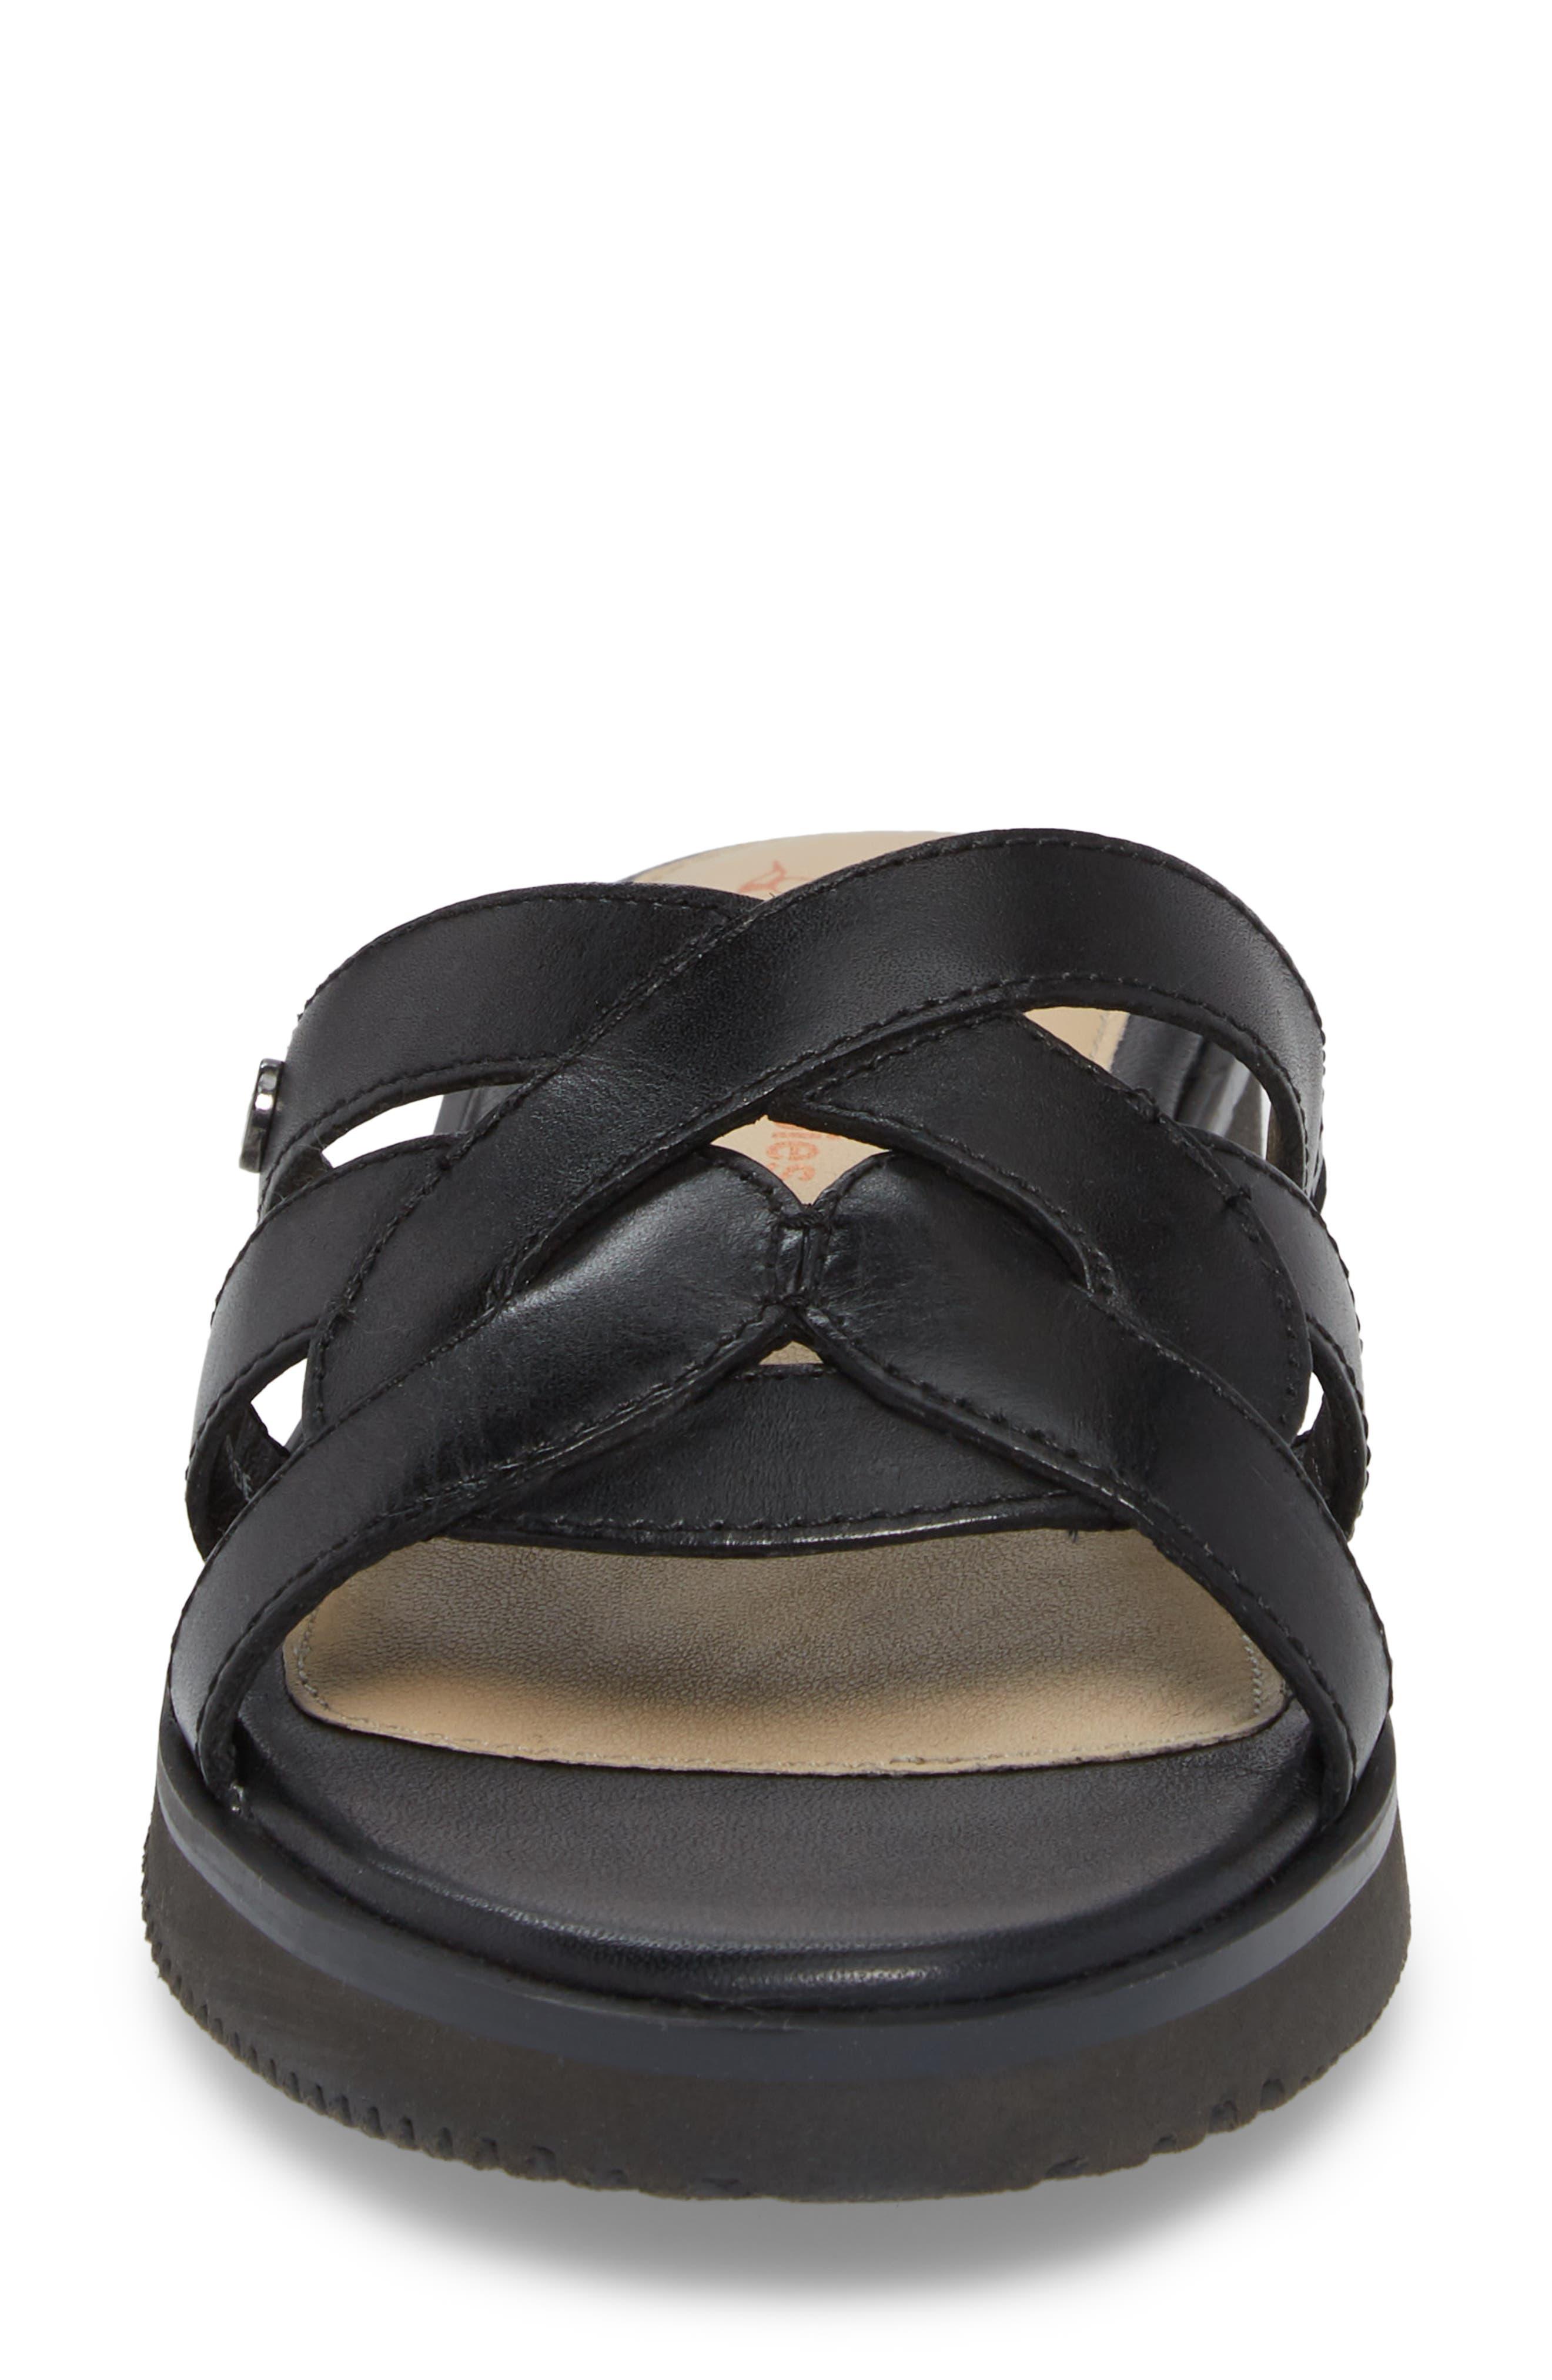 Braid Slide Sandal,                             Alternate thumbnail 4, color,                             007